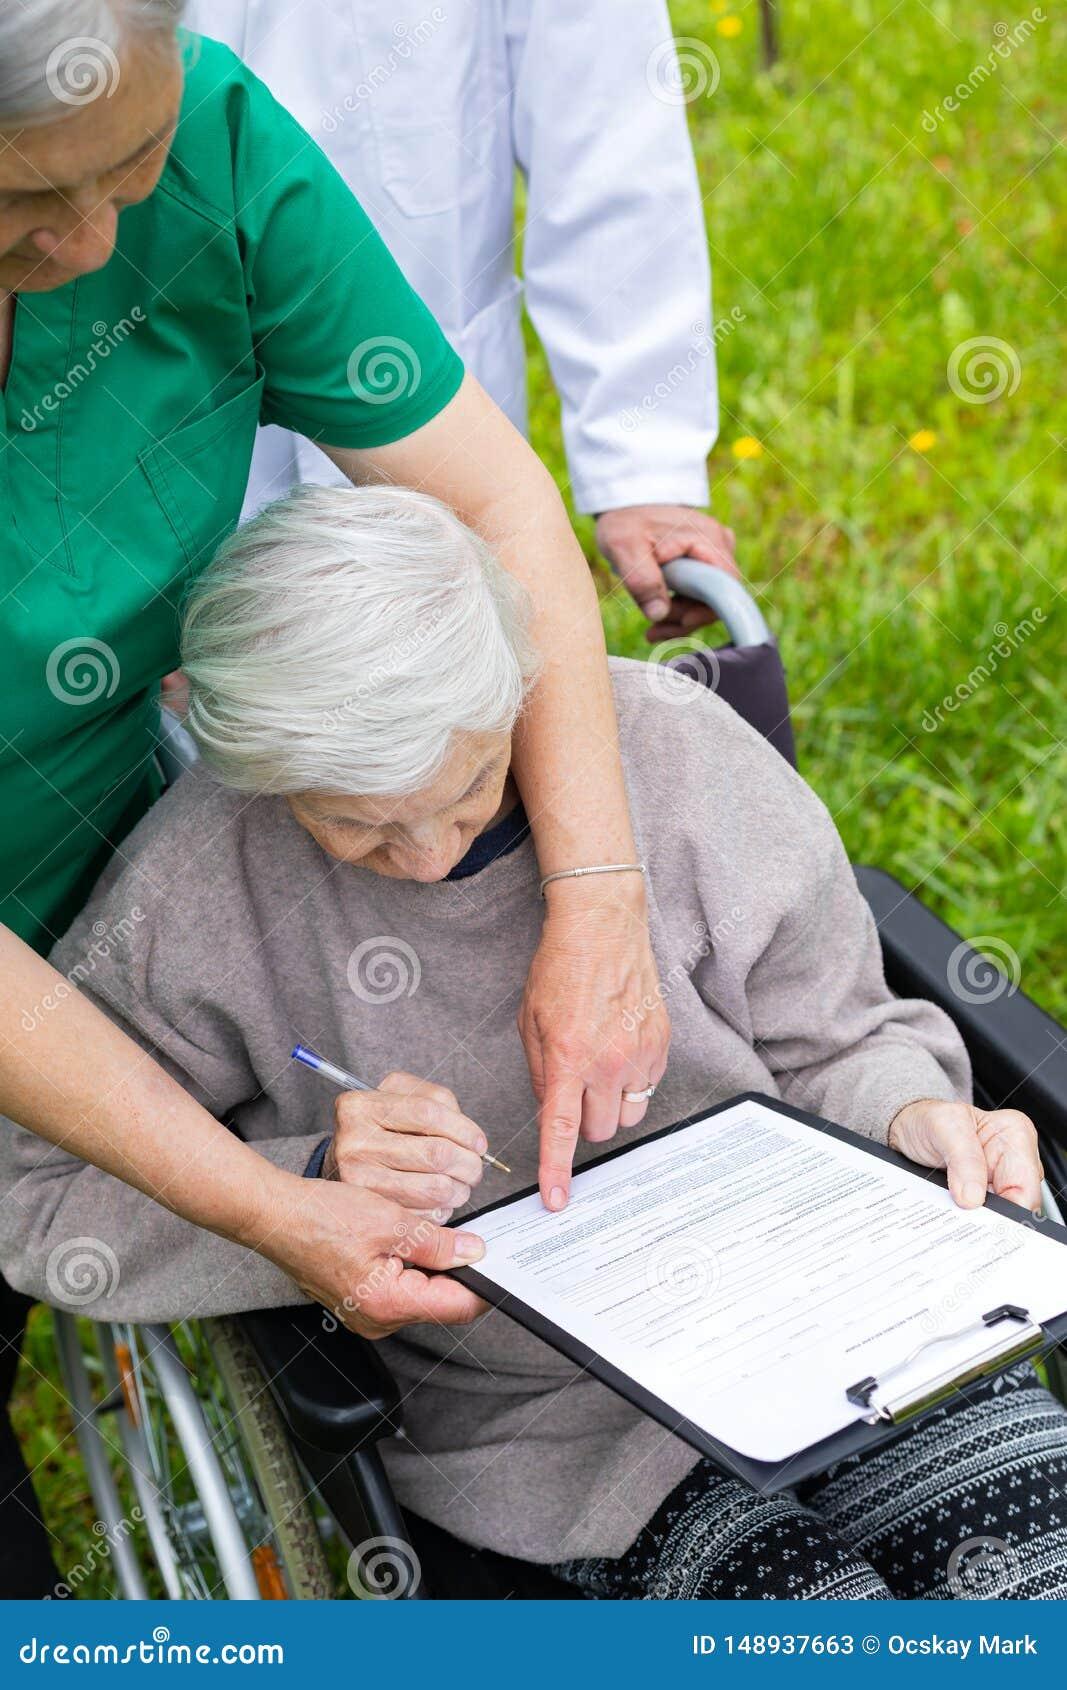 Starzej?ca si? kobieta w w?zku inwalidzkim z medyczn? pomoc?